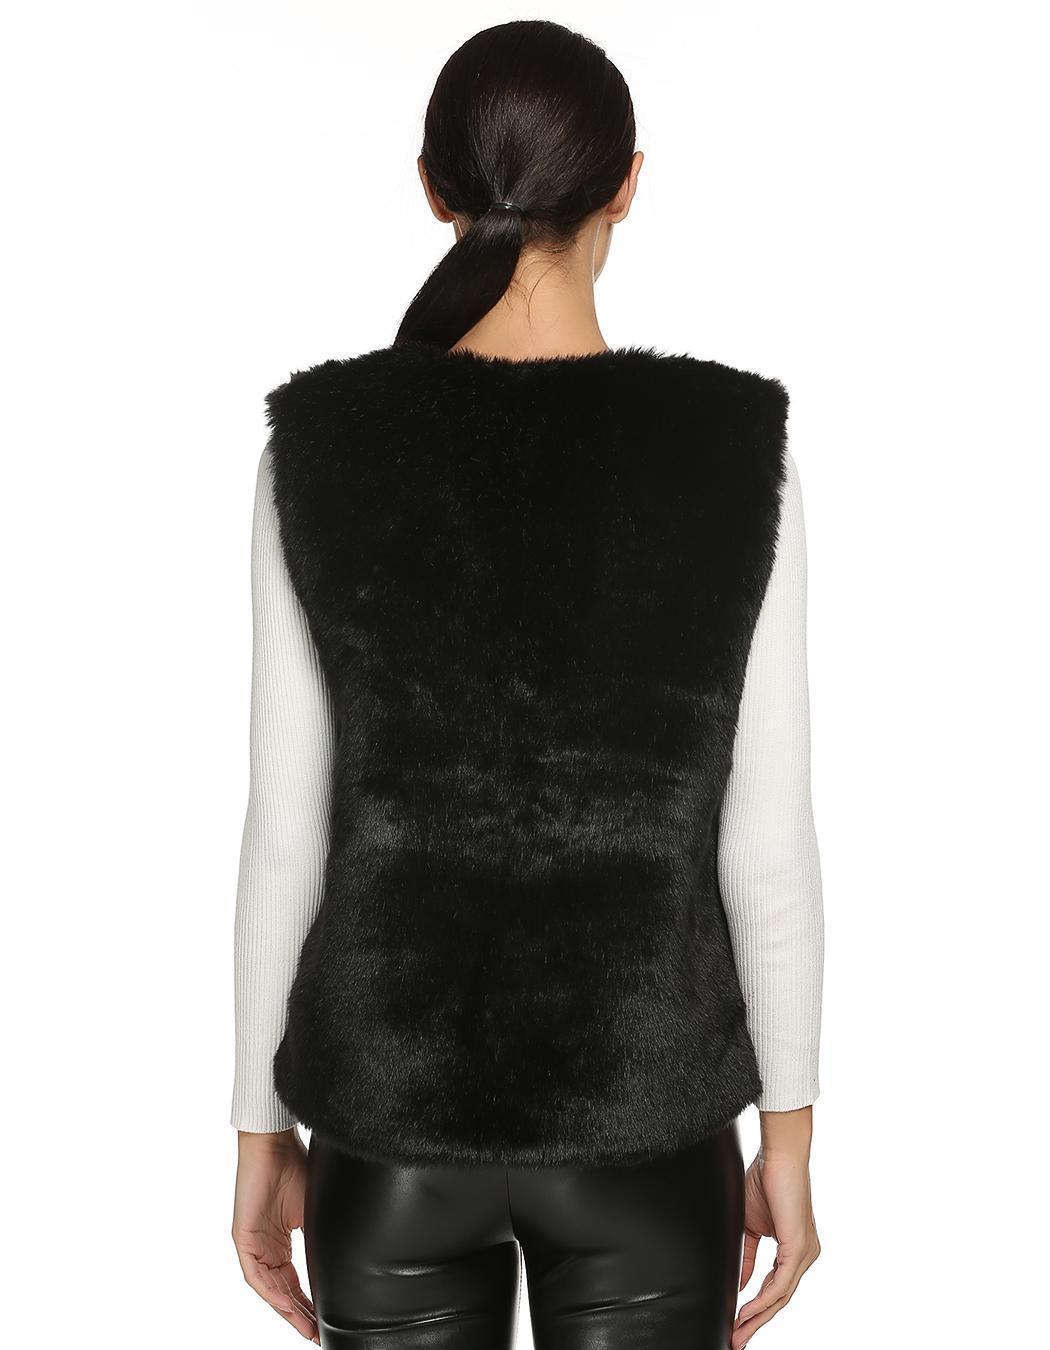 Women Sleeveless Casual Faux Fur Vest Warm Coat 1